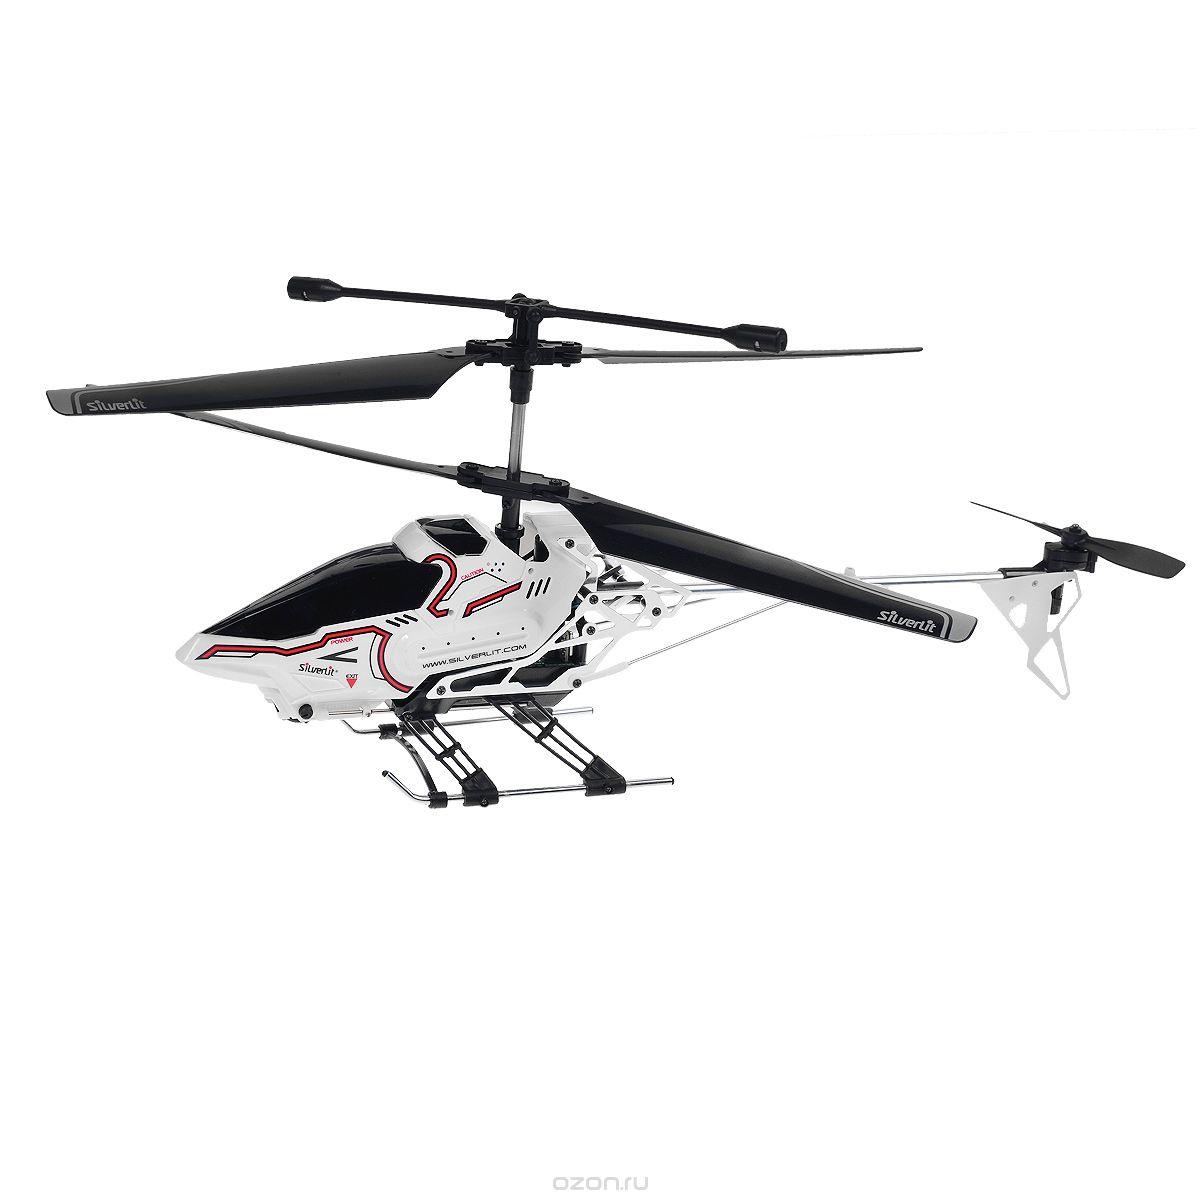 Silverlit Вертолет на радиоуправлении Sky Eye цвет белый вертолет sky dragon silverlit